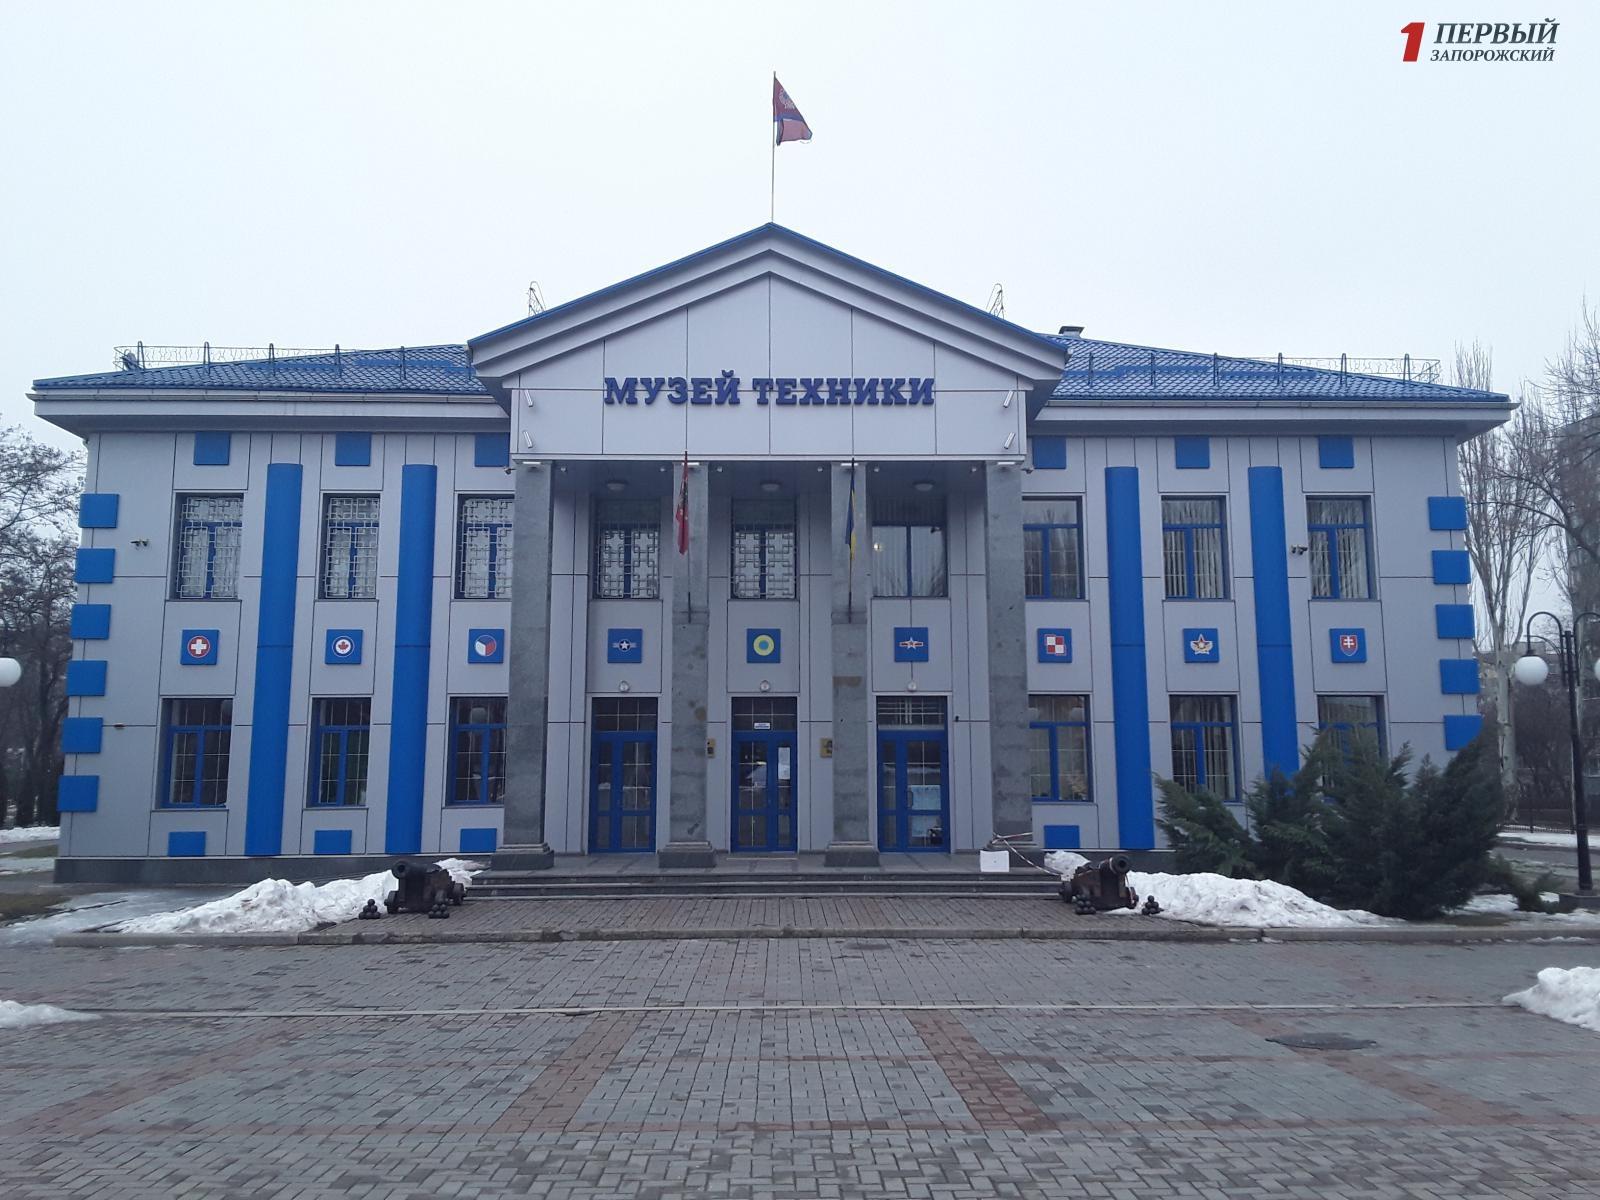 Авиадвигатели, военная техника, мотоциклы и самовары: что можно увидеть в запорожском музее техники  - ФОТО